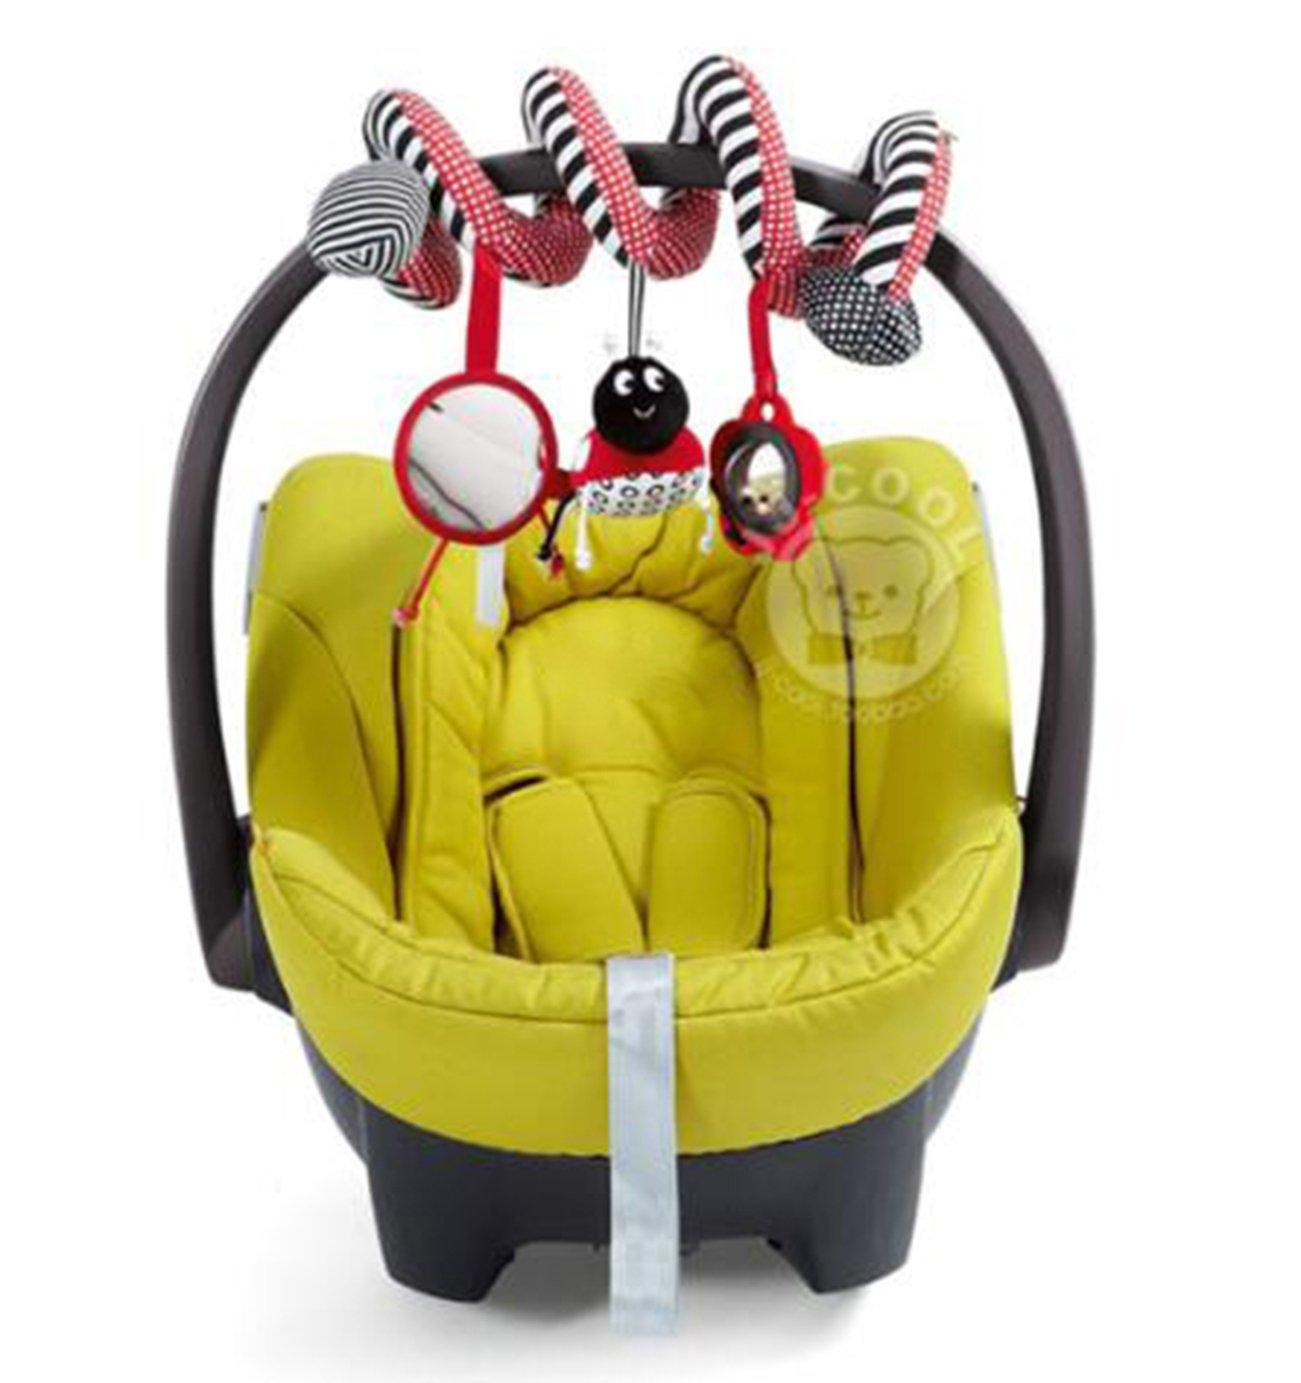 lit /à suspendre Jouets DE Si/ège de voiture jouet jouet Poussette Domila b/éb/é spirale dactivit/és jouet